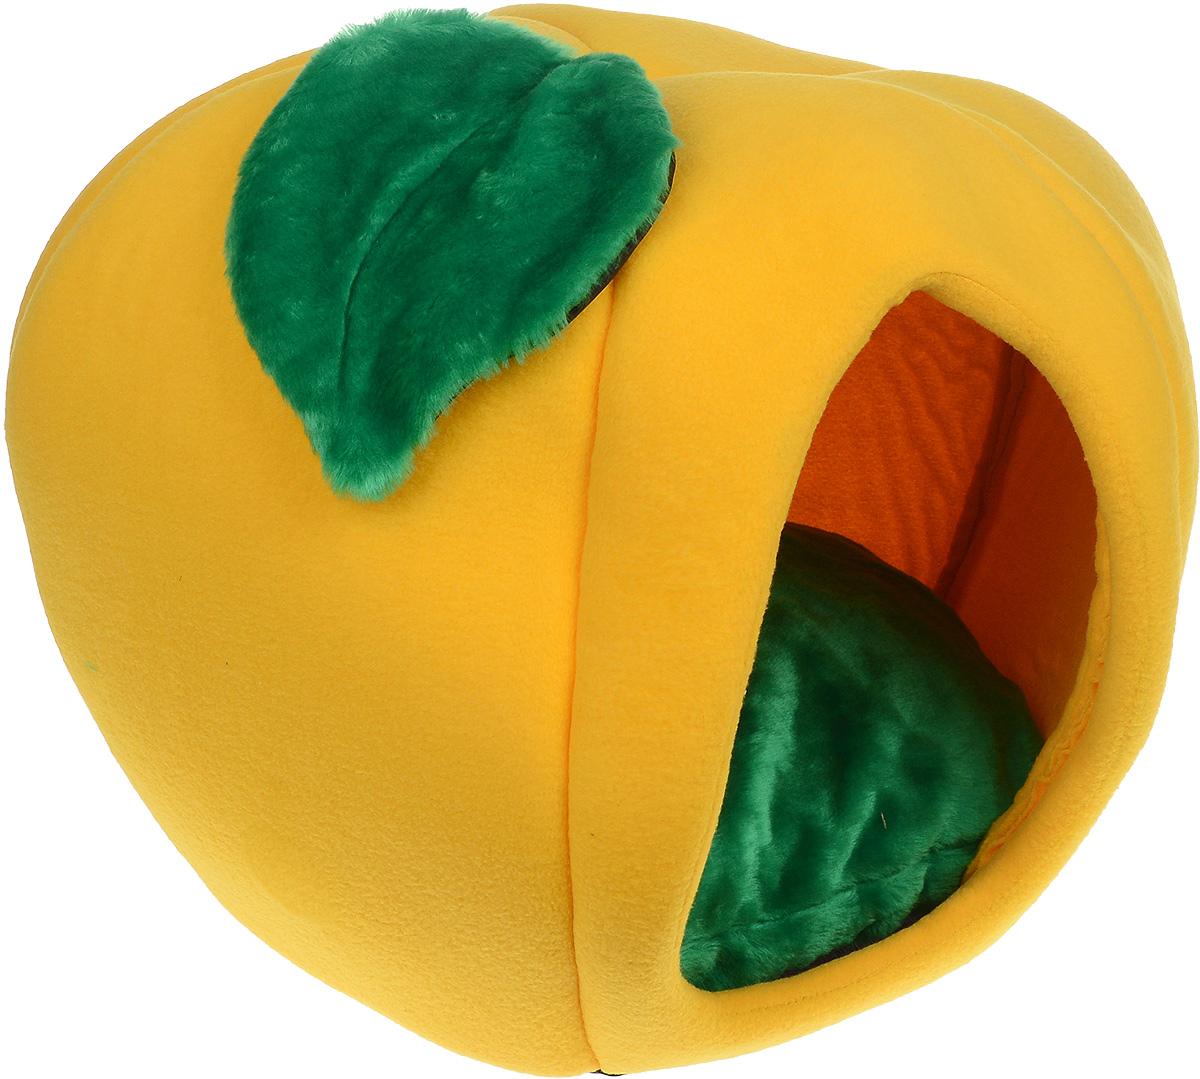 Домик для животных Зооник Тыква, с подушкой, цвет: желтый, зеленый, 50 х 50 х 40 см22120_желтый, зеленыйДомик для животных Зооник Тыква, выполненный из флиса, с непревзойденным дизайном предназначен для кошек и мелких собак. Очень удобен и вместителен. Домик оснащен мягкой подушкой. Изделие гармонично украсит интерьер, подчеркнет вашу индивидуальность и будет радовать вас и вашего питомца.